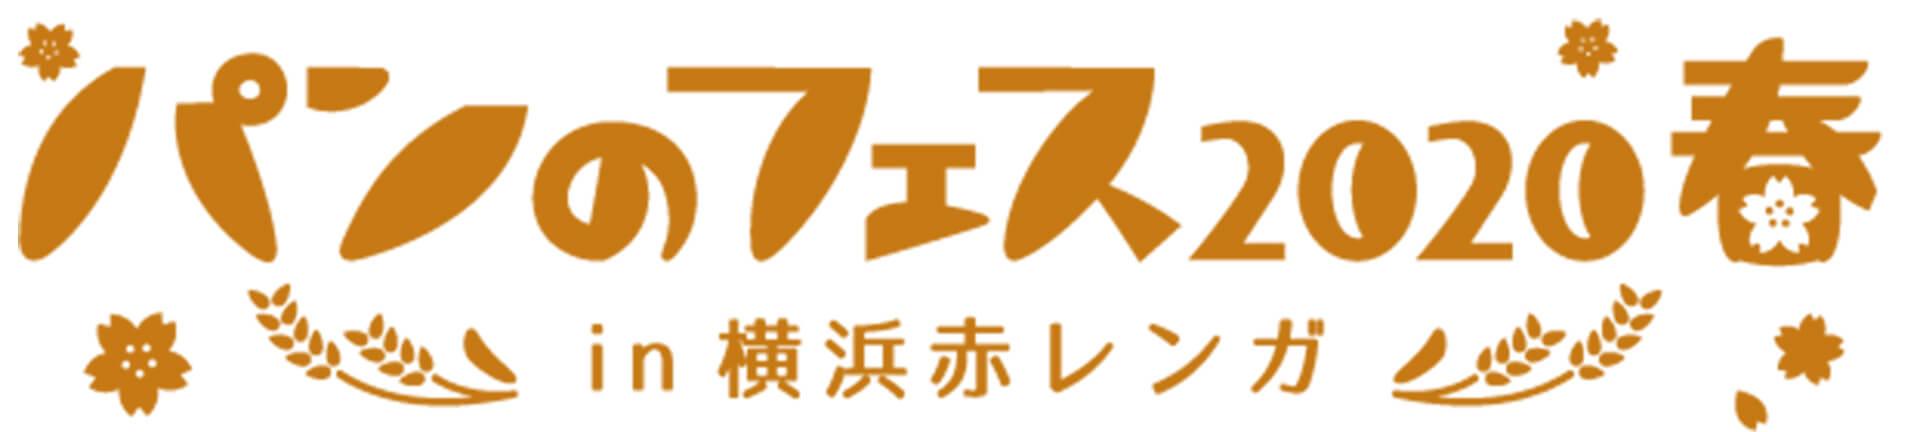 パンのフェス2020春 in 横浜赤レンガバナー